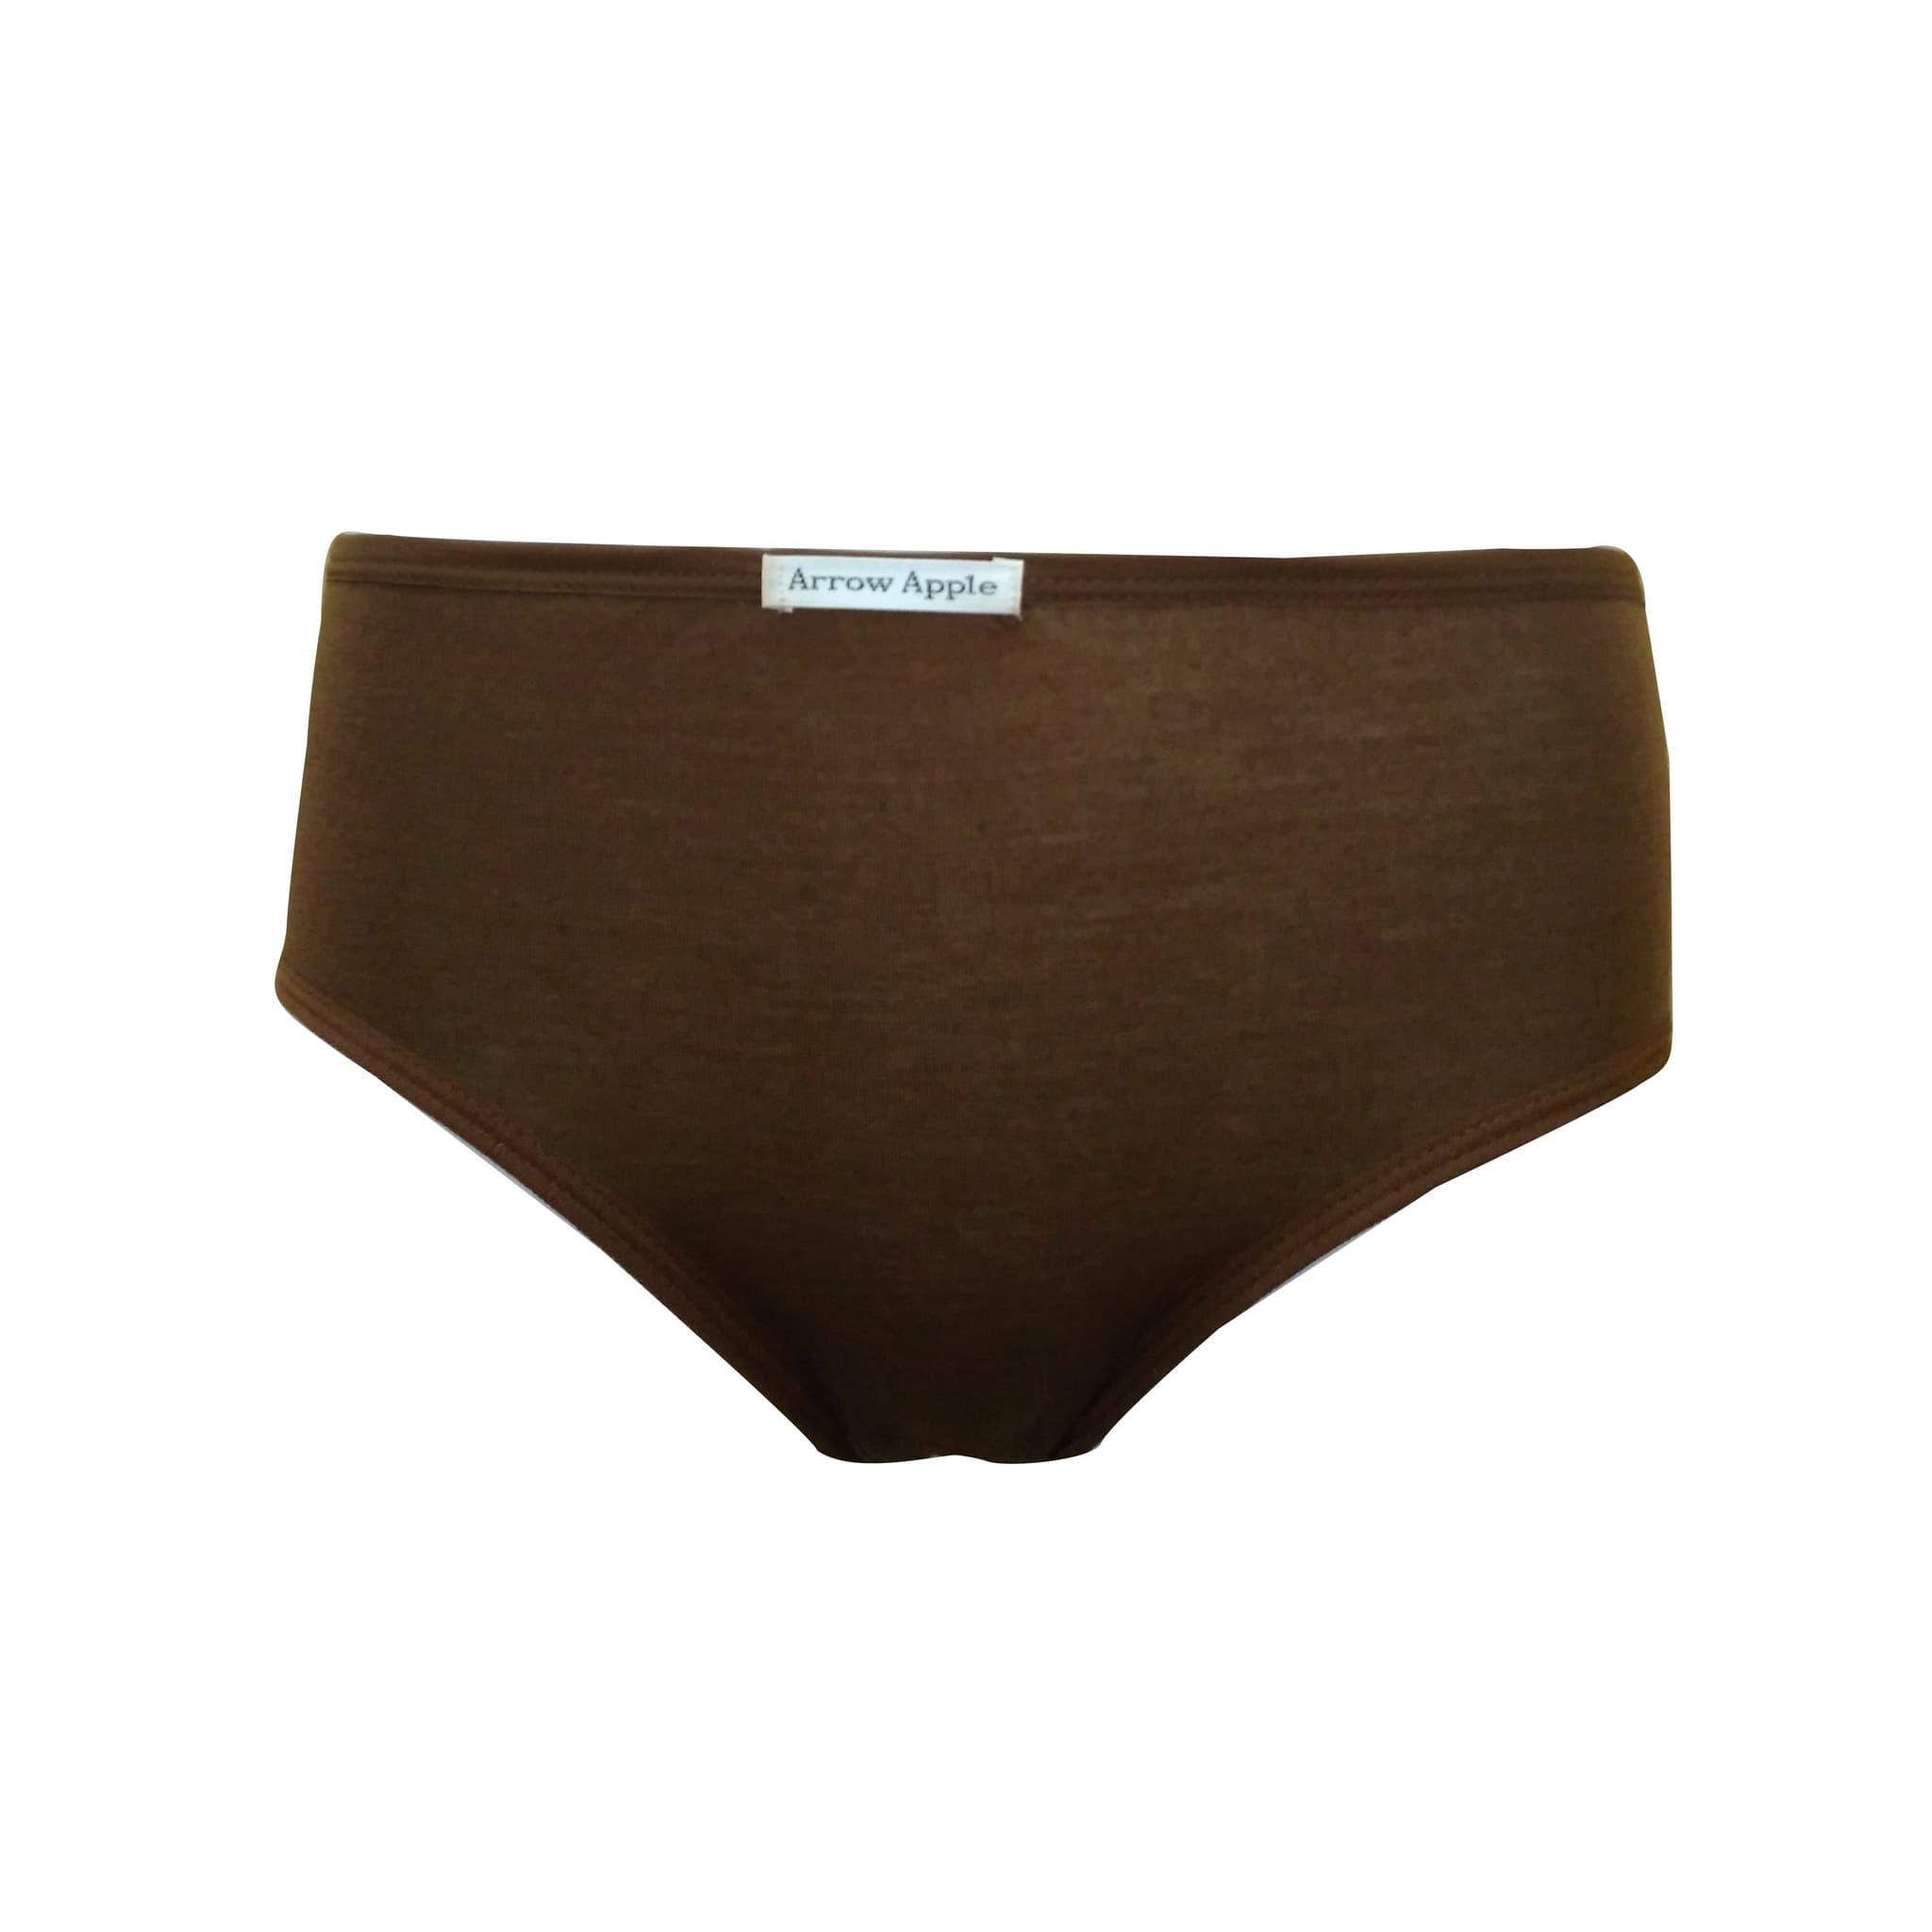 Celana Dalam Wanita - Arrow Apple - 4 Pcs - Fuchsia, M - Blanja.